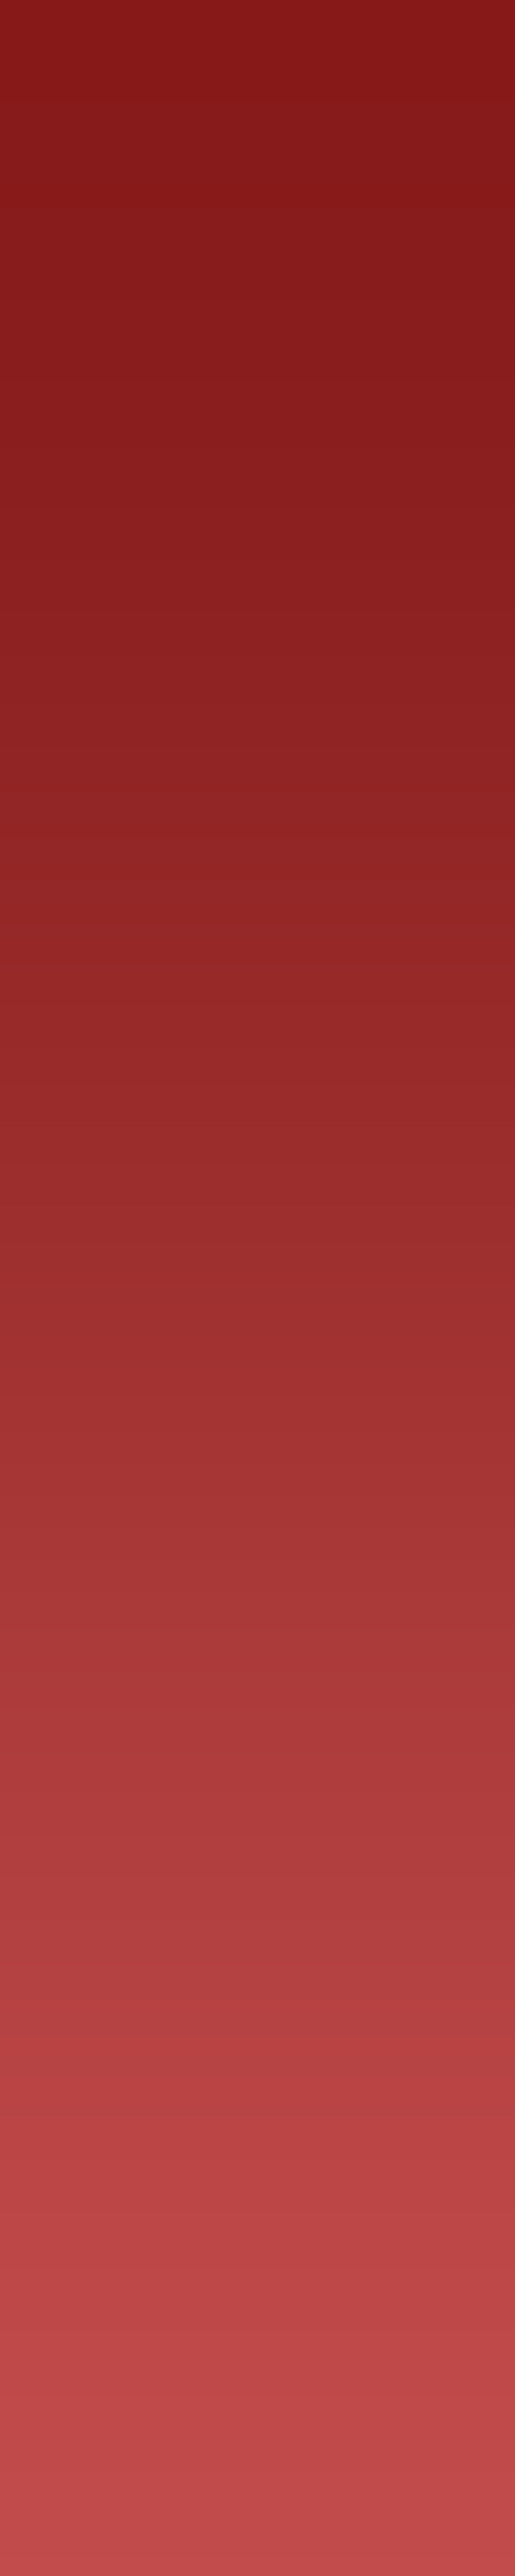 dard dark red.png